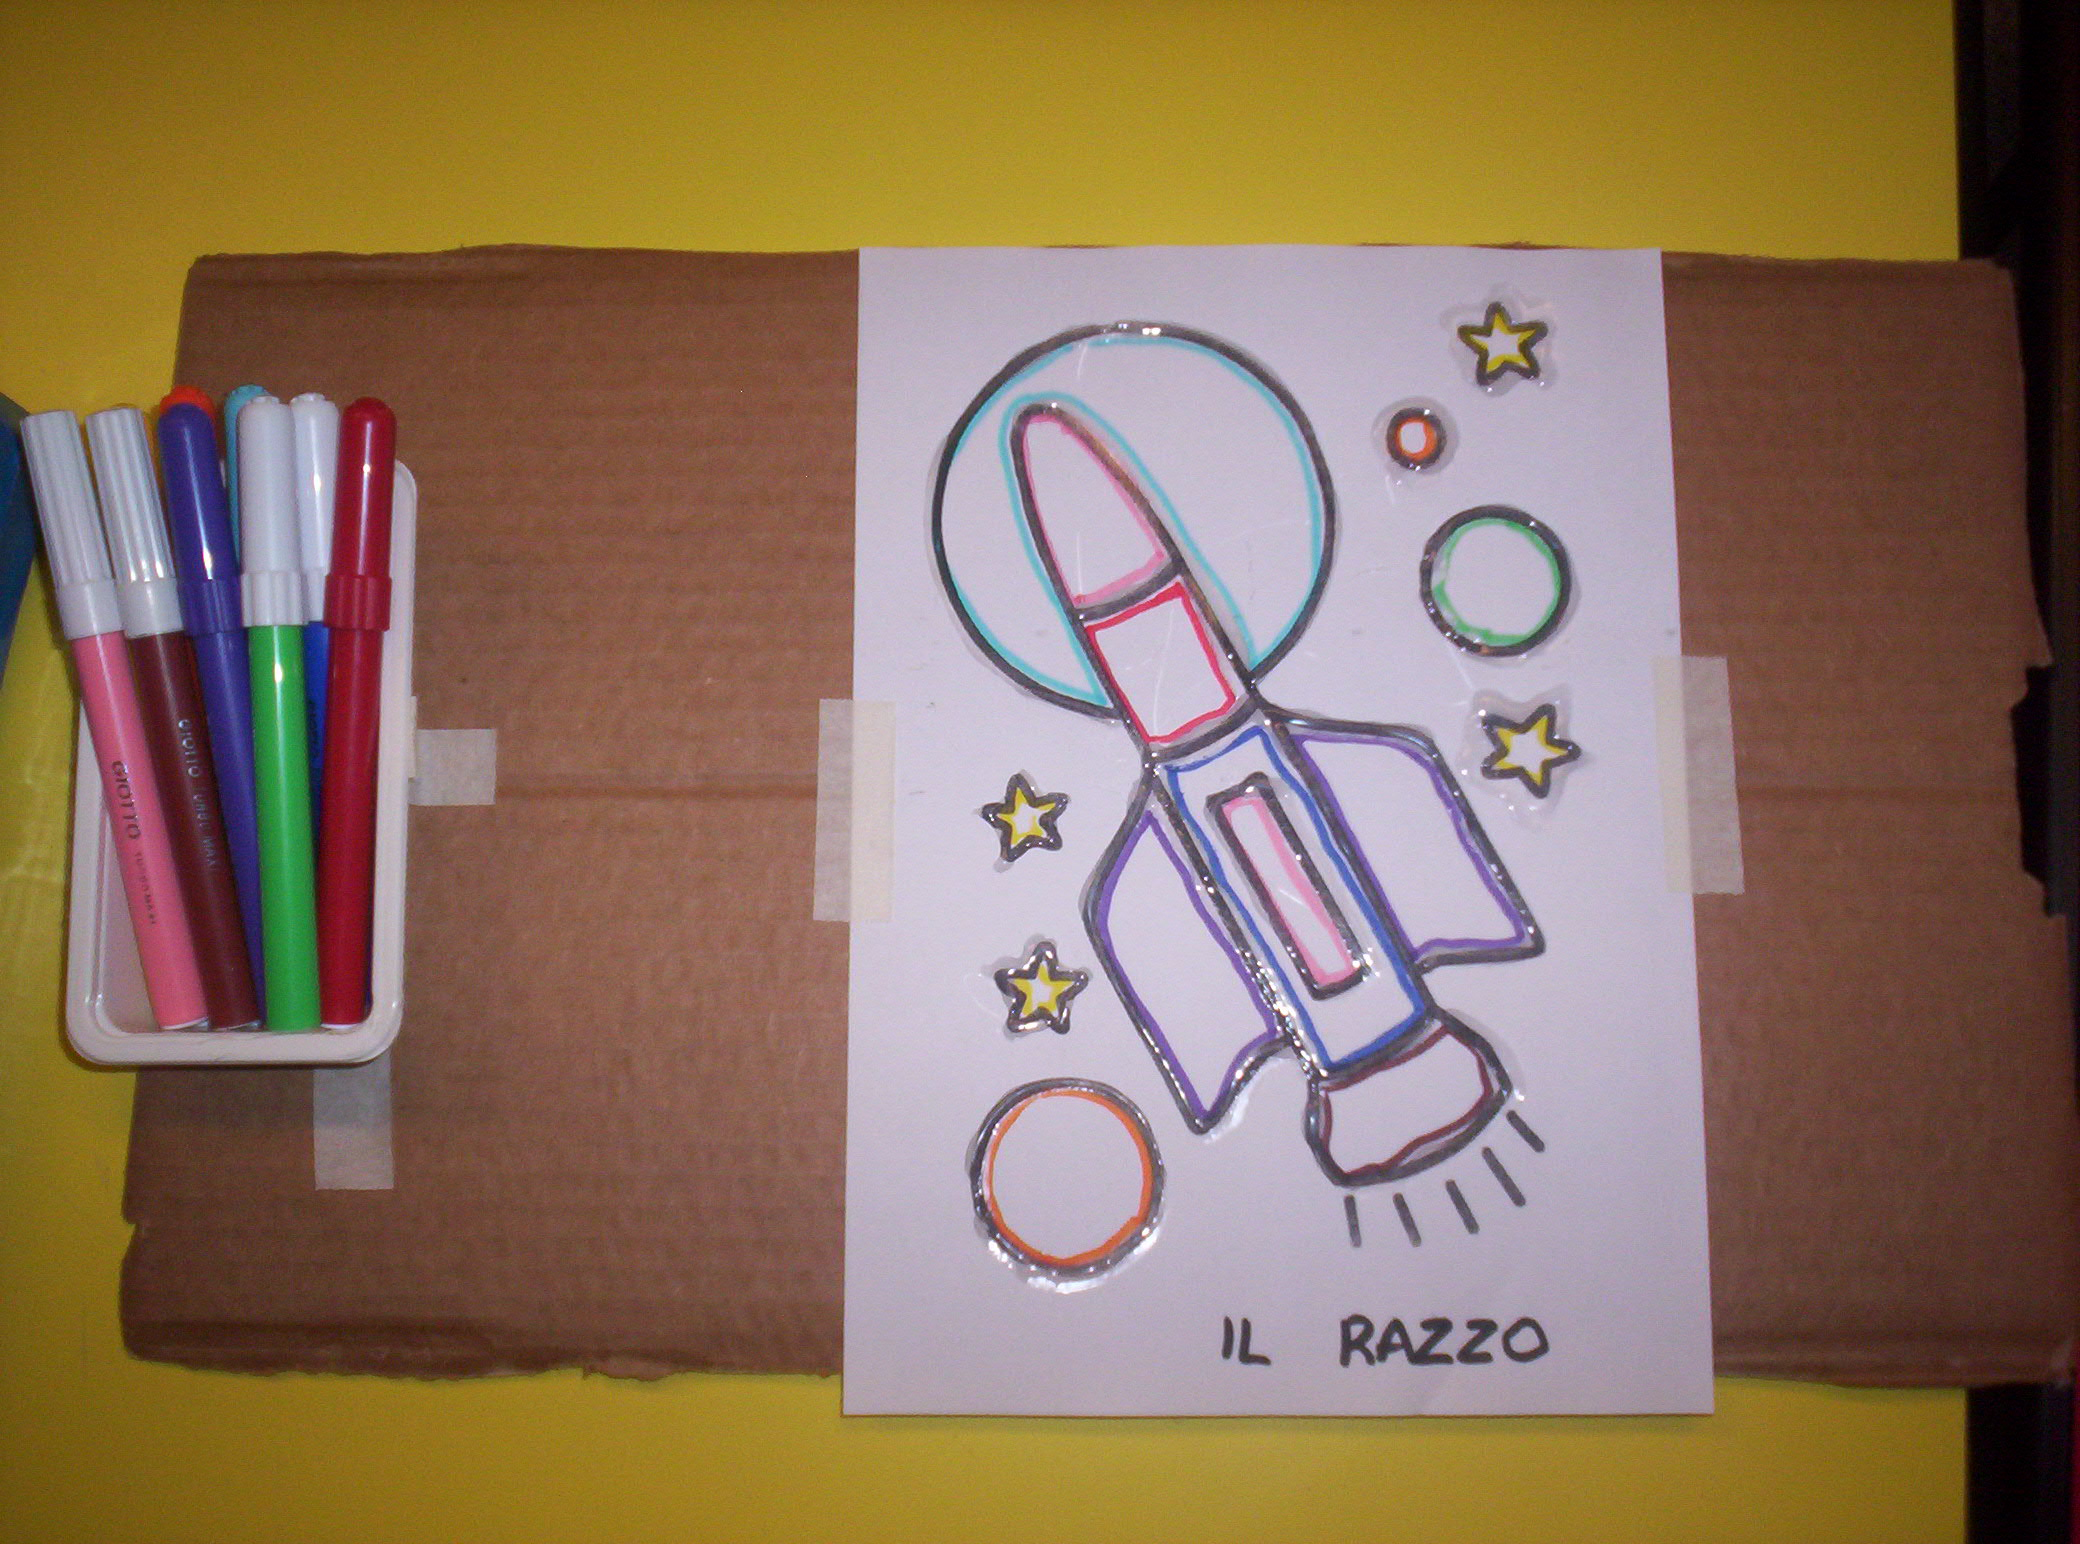 Su un cartone ci sono: a sinistra una vaschetta con dei pennarelli grossi e a destra il disegno di un razzo con contorni colorati ripassati con colla a caldo.